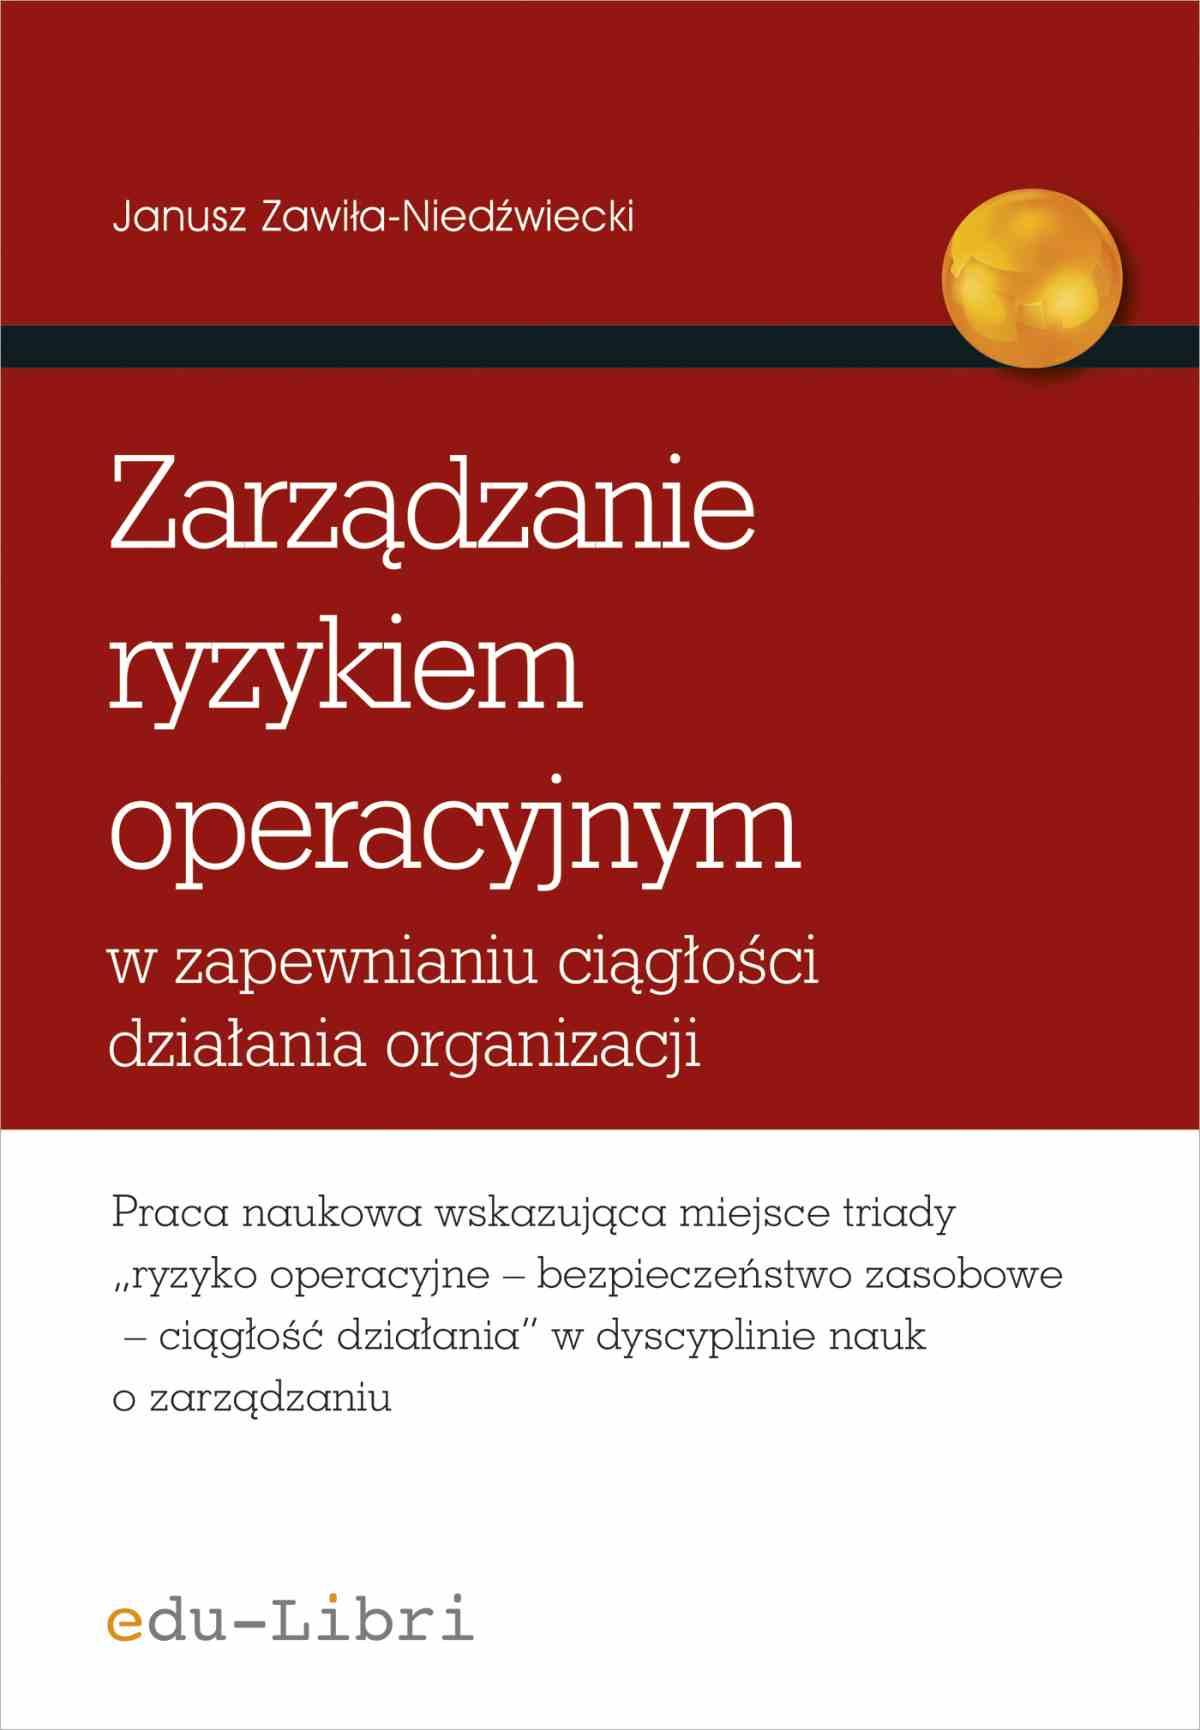 Zarządzanie ryzykiem operacyjnym w zapewnianiu ciągłości działania organizacji - Ebook (Książka na Kindle) do pobrania w formacie MOBI